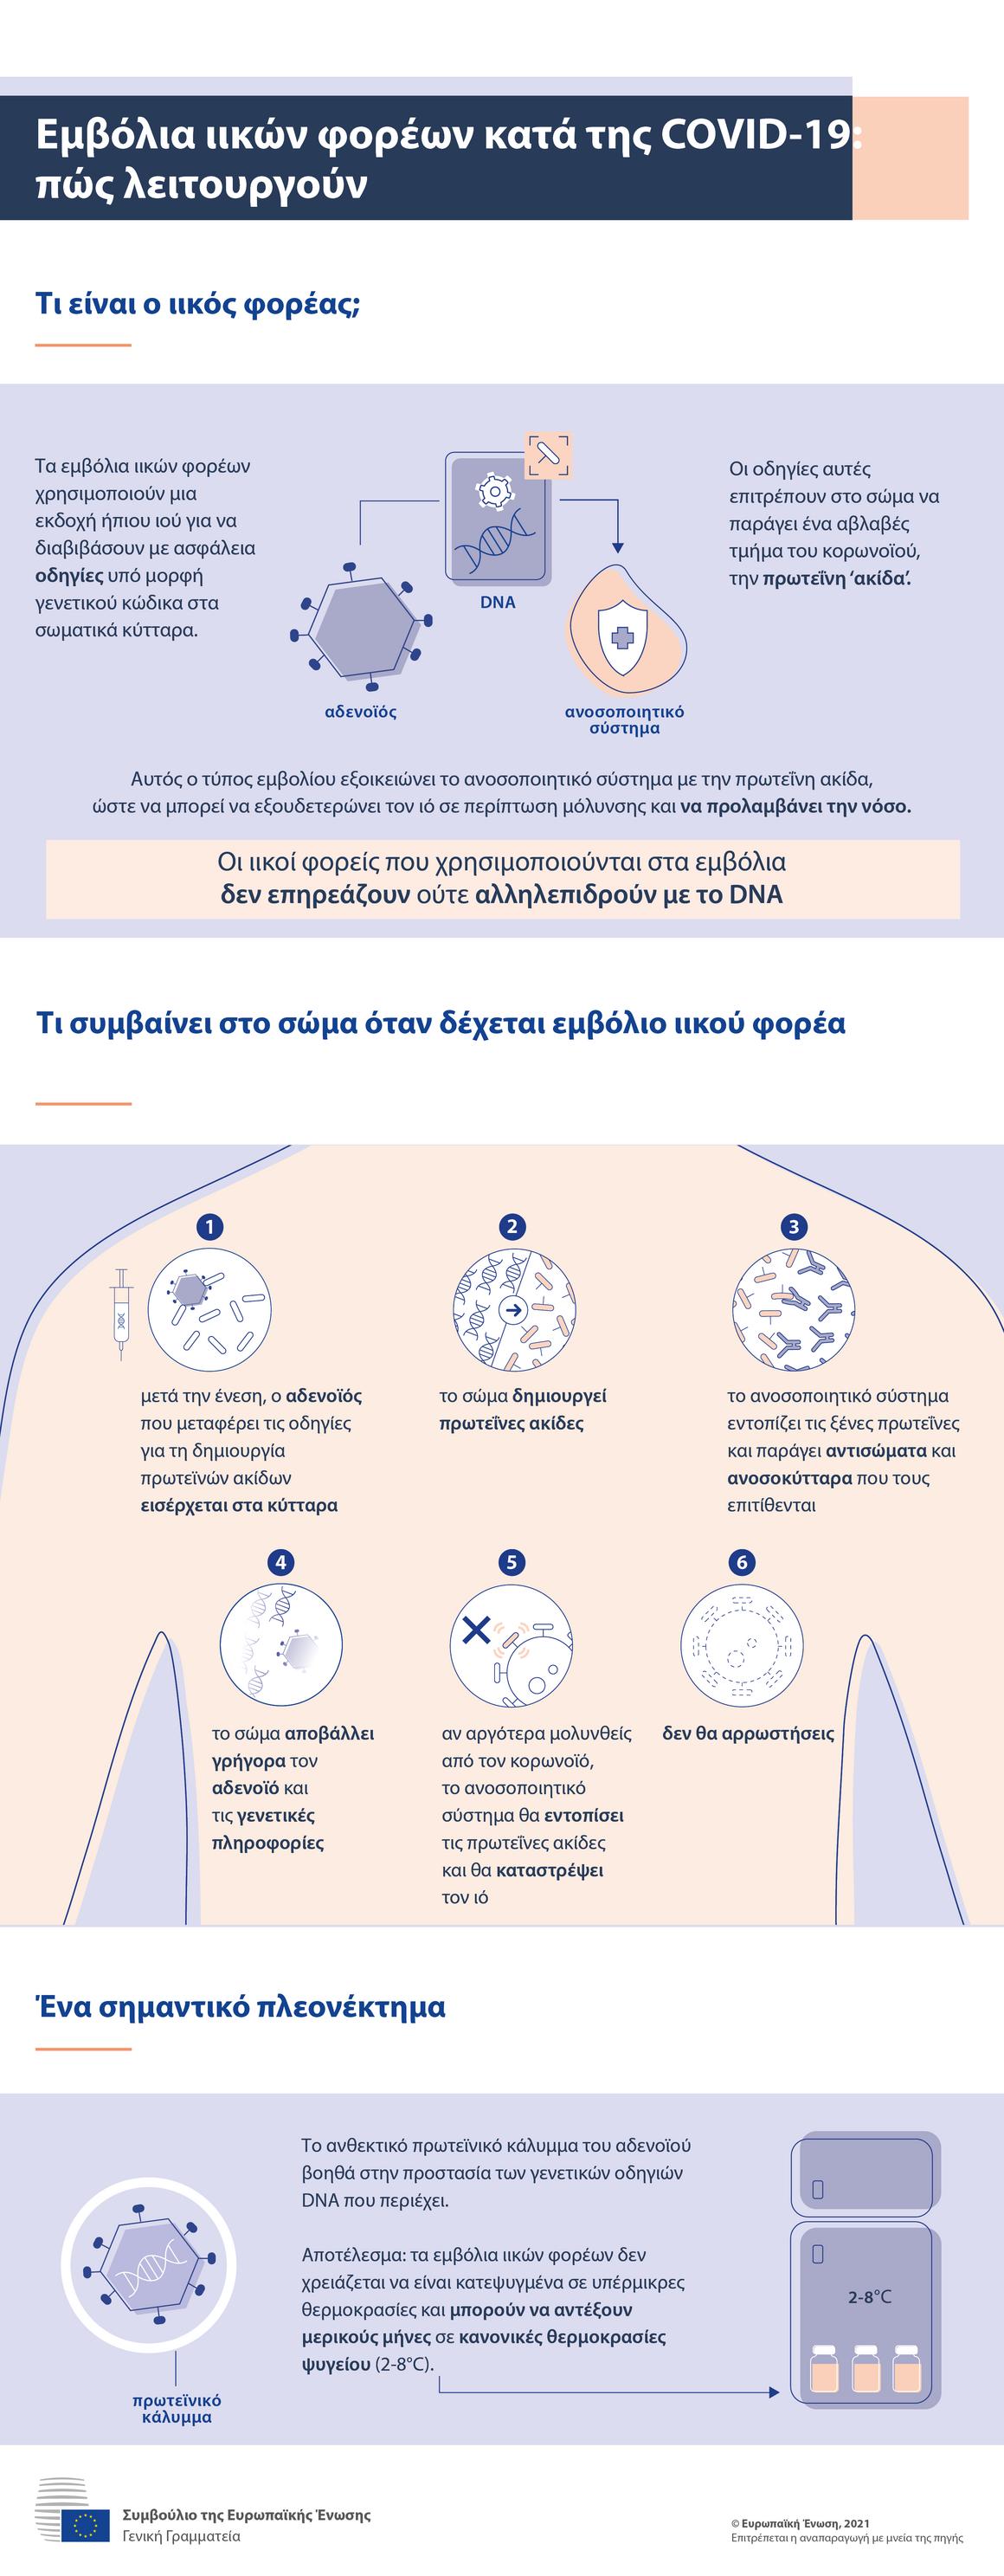 Ενημερωτικό γράφημα — Εμβόλια ιικών φορέων κατά της νόσου COVID-19: πώς λειτουργούν